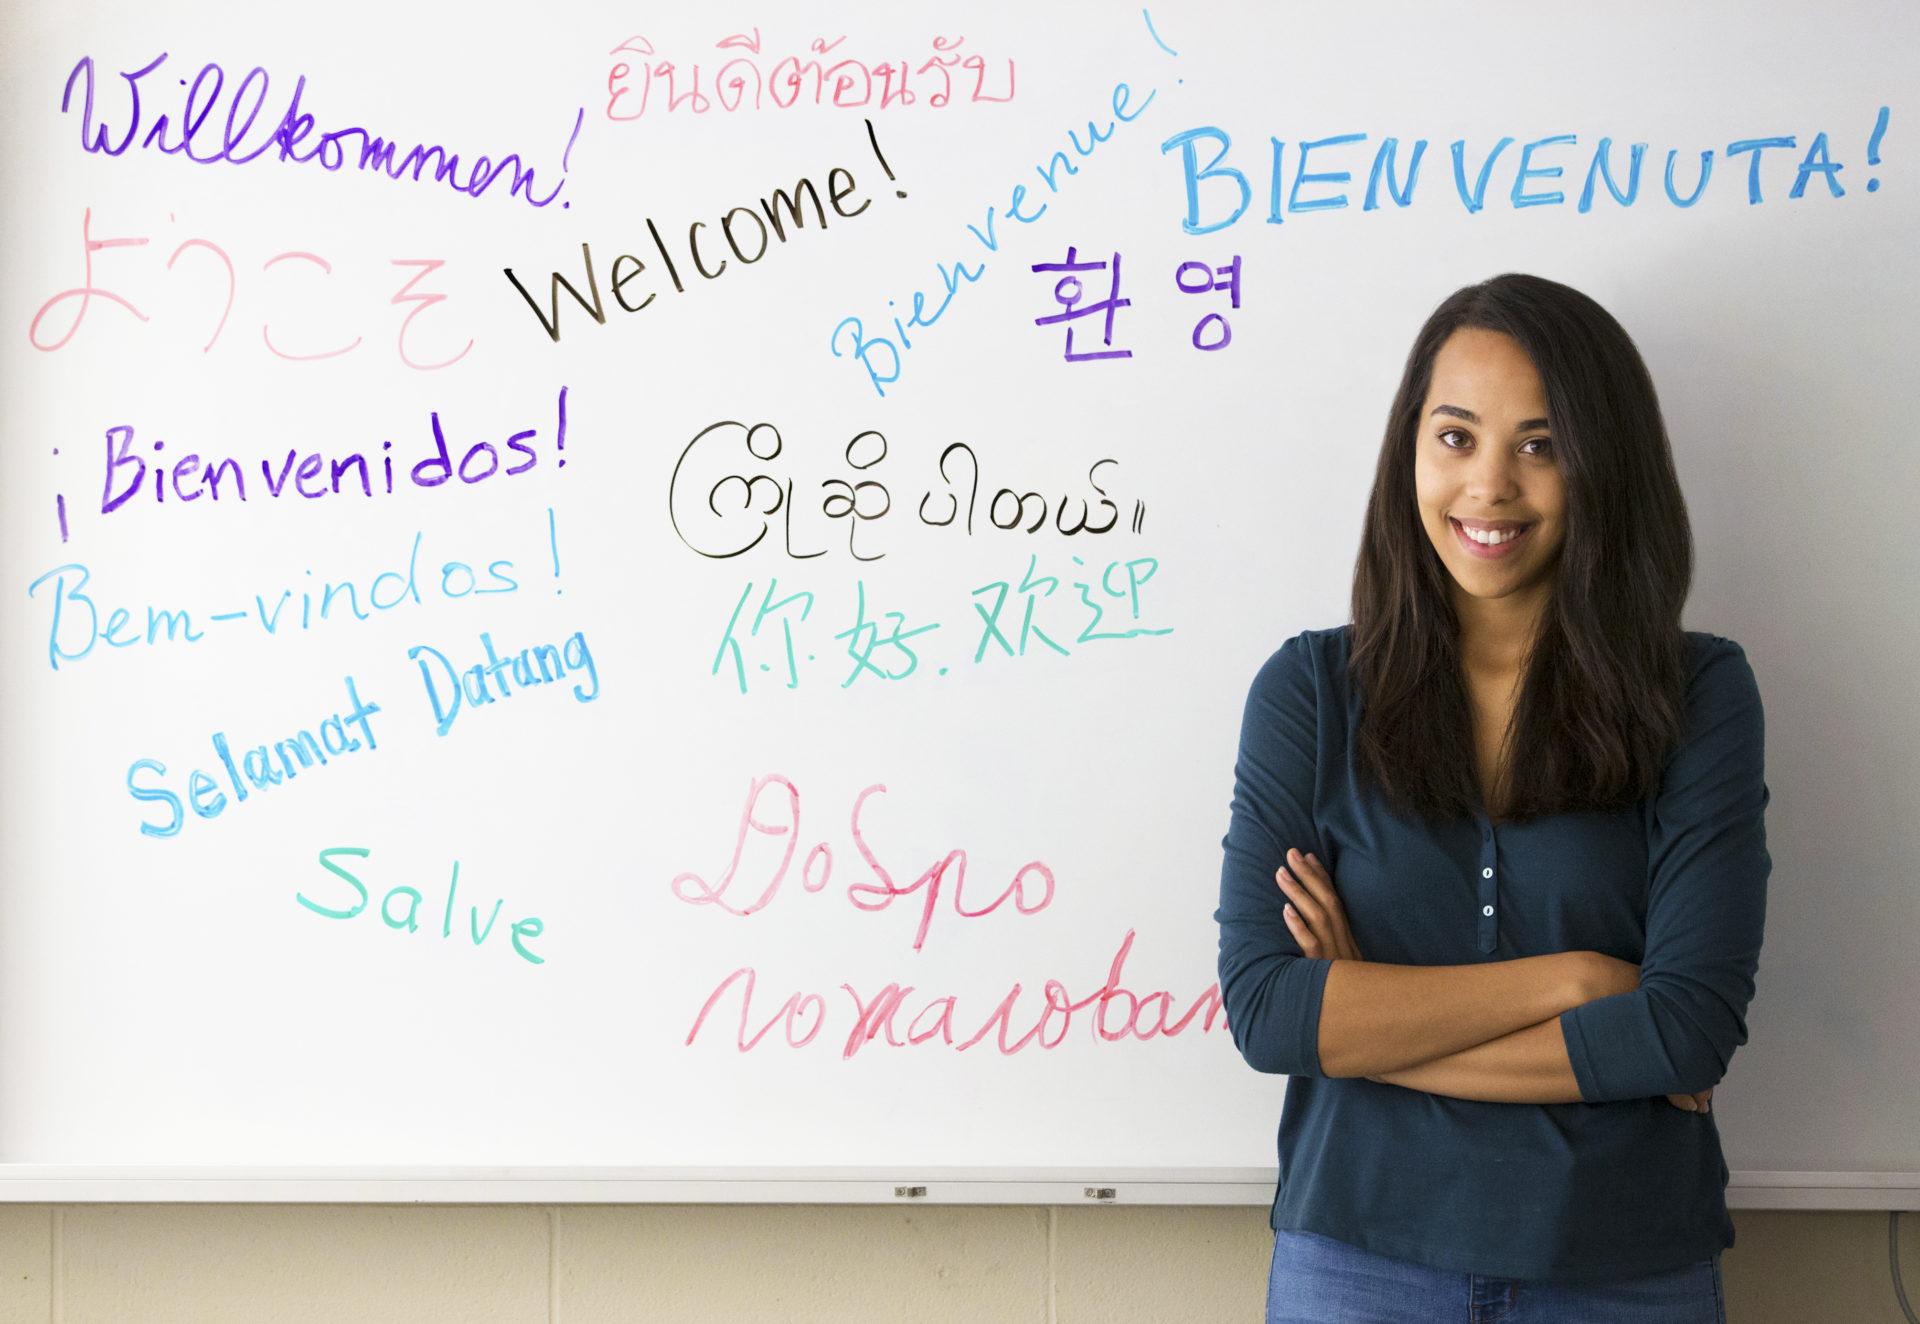 به چه زبانهایی صحبت می شود؟